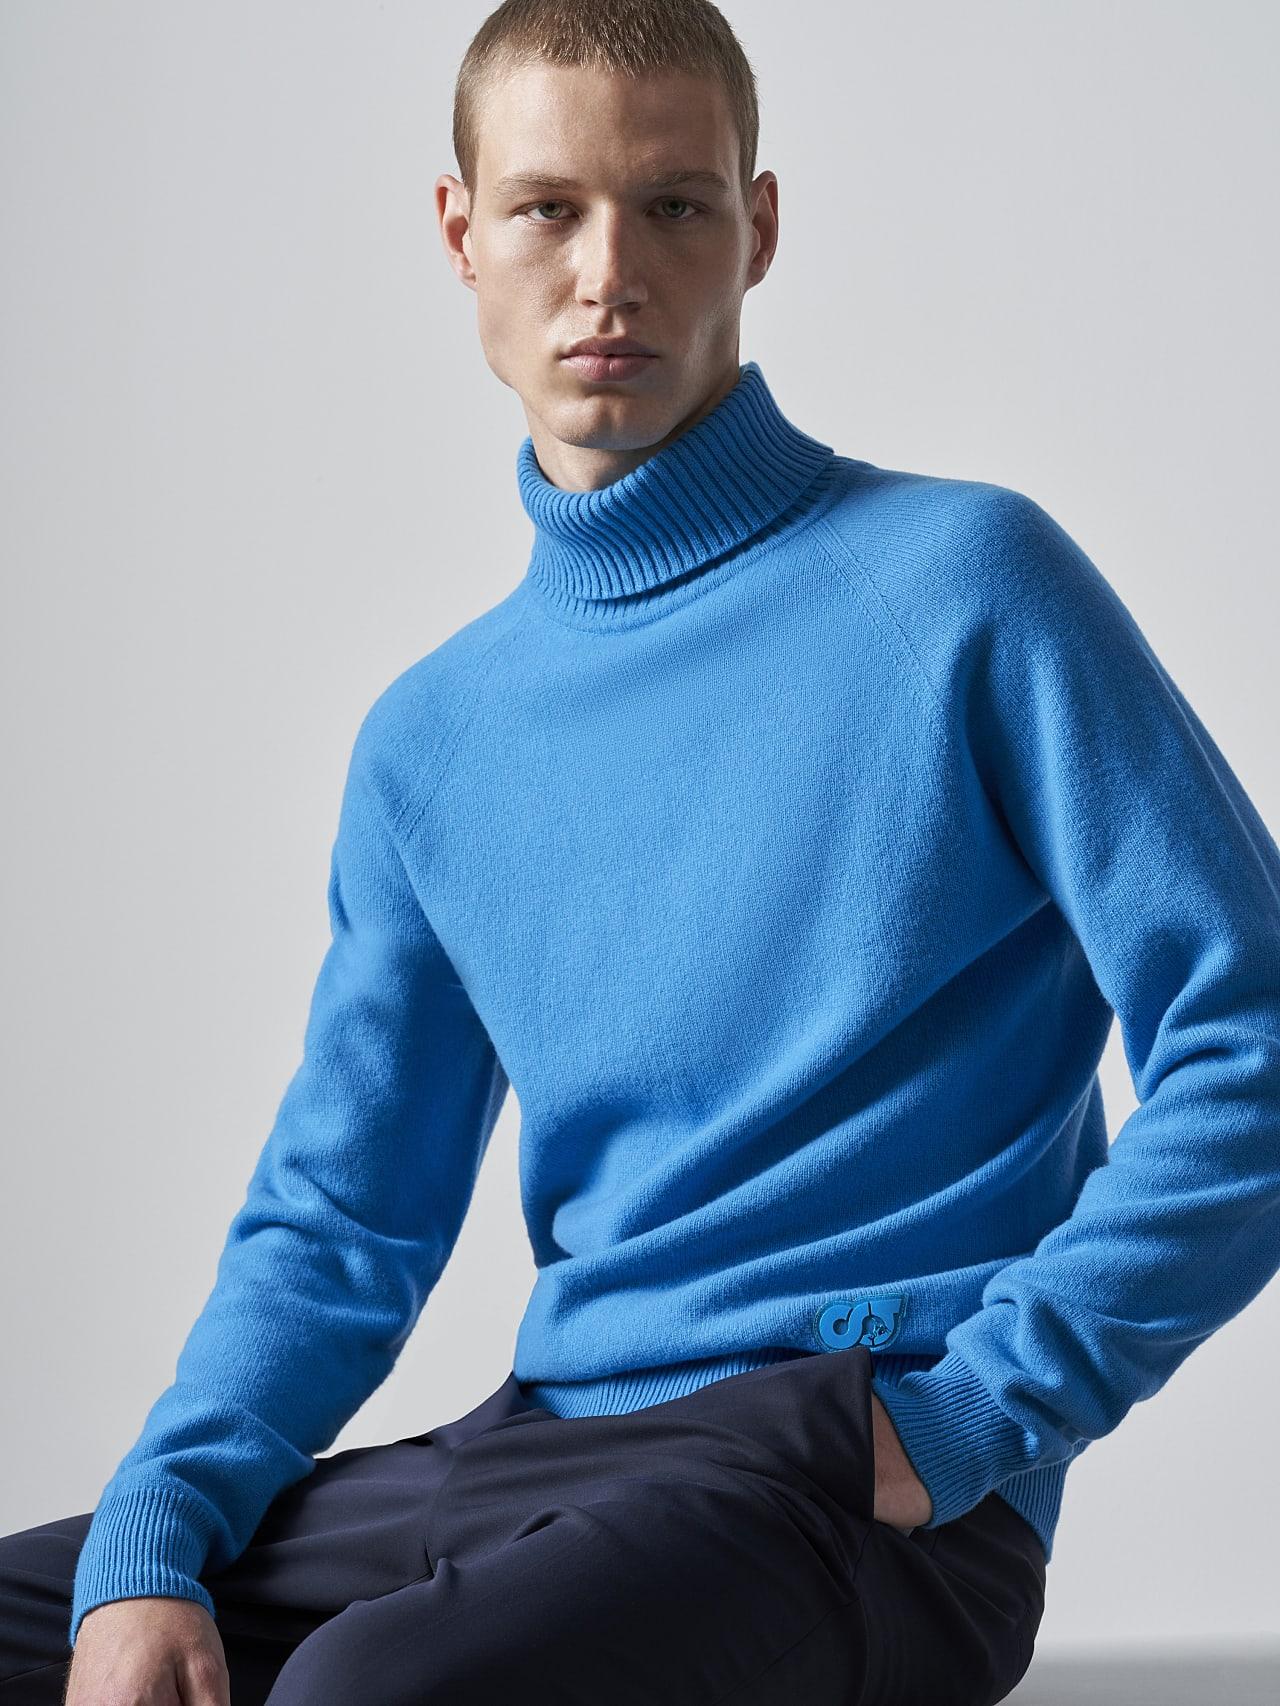 FLUCK V2.Y5.02 Seamless 3D Knit Cashmere-Blend Turtle Neck blue Model shot Alpha Tauri